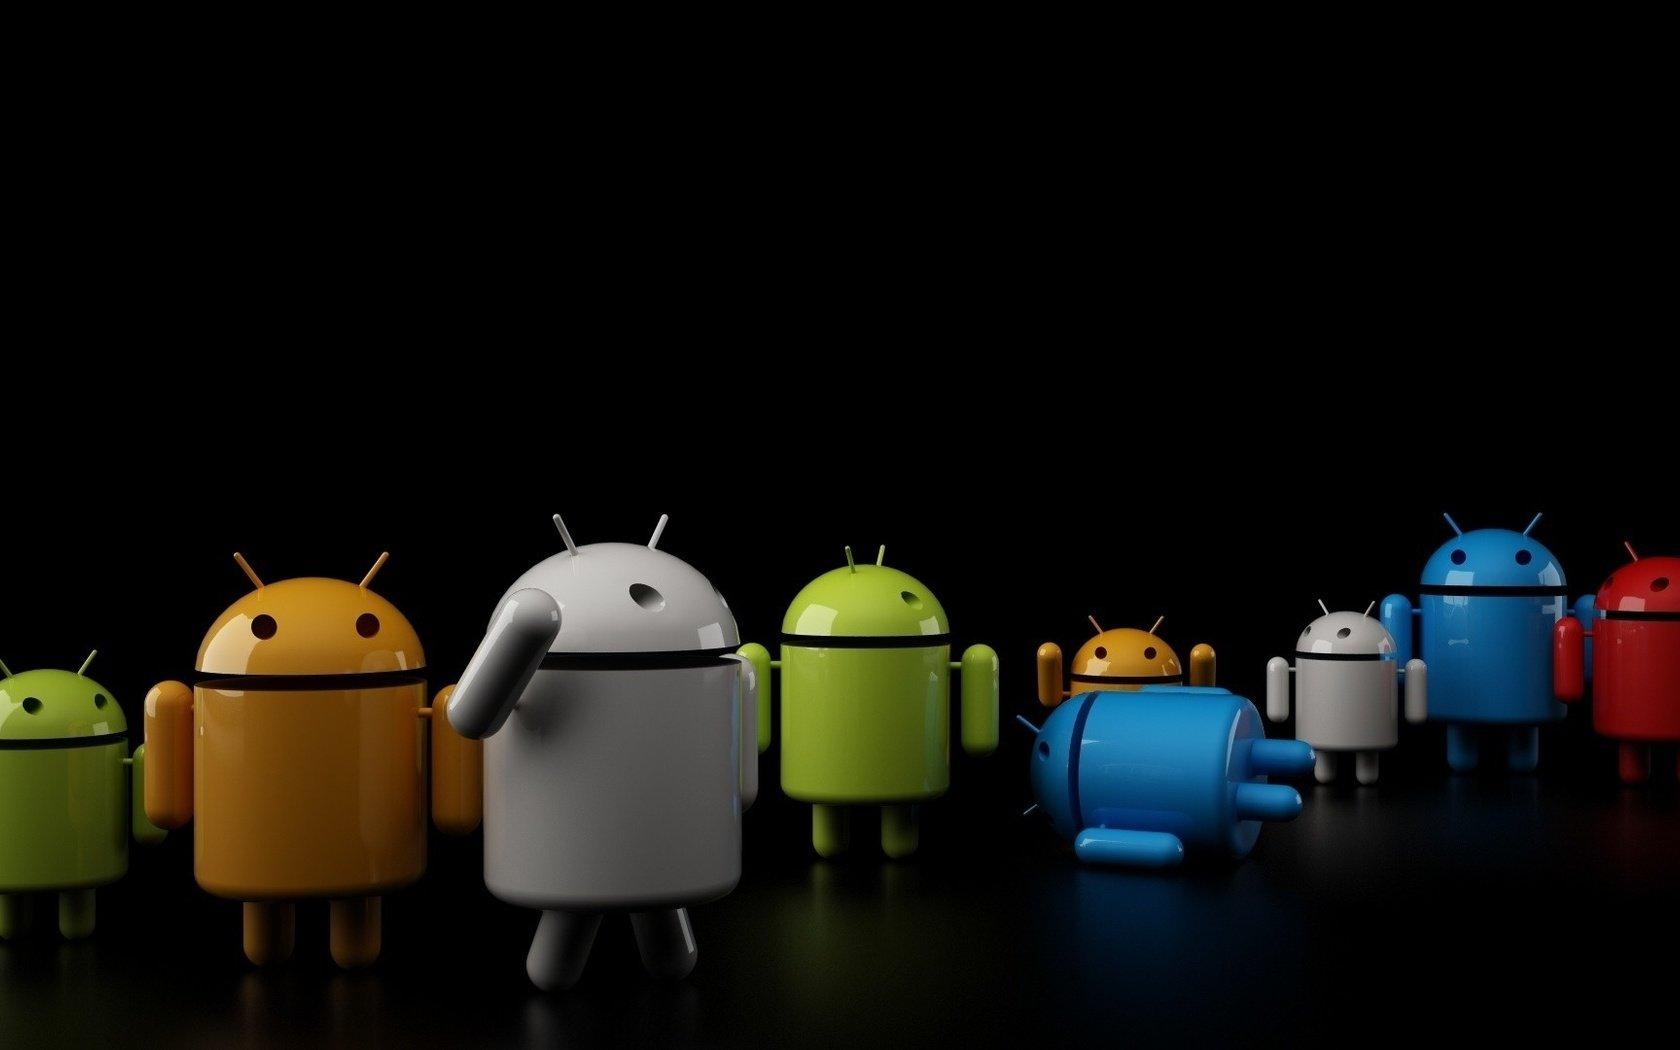 Темы и обои для андроид скачать бесплатно на русском языке